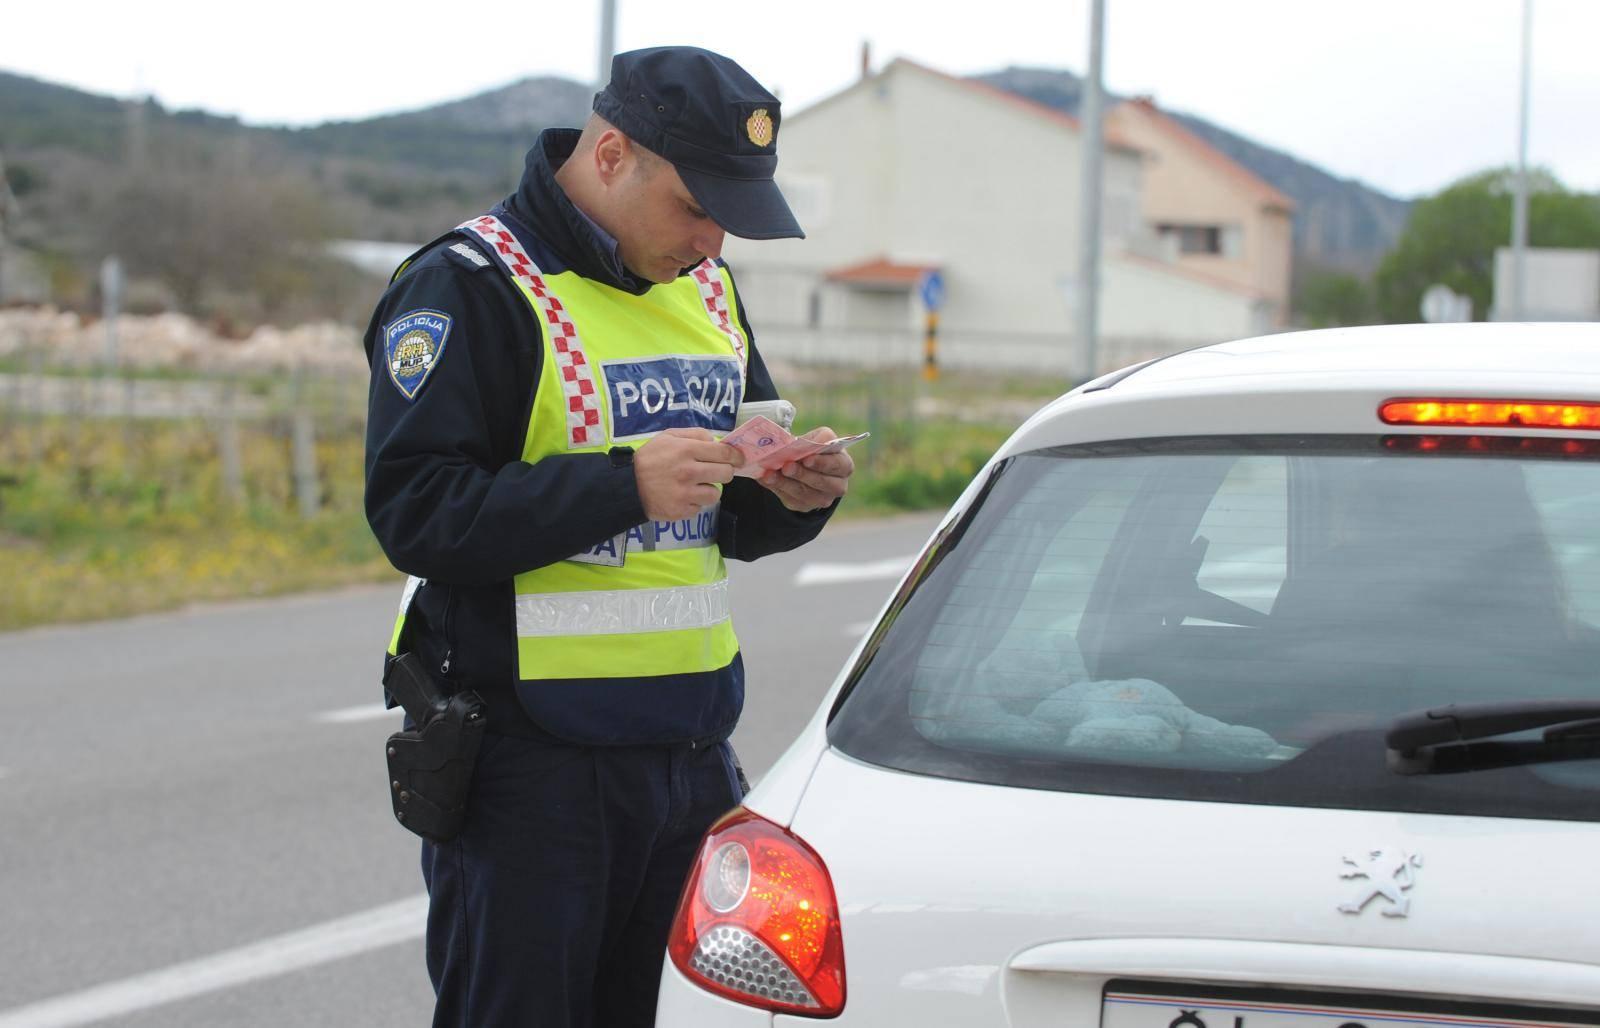 Dobio čak 72.000 kuna kazne radi vožnje: 'Loša mi je karma'